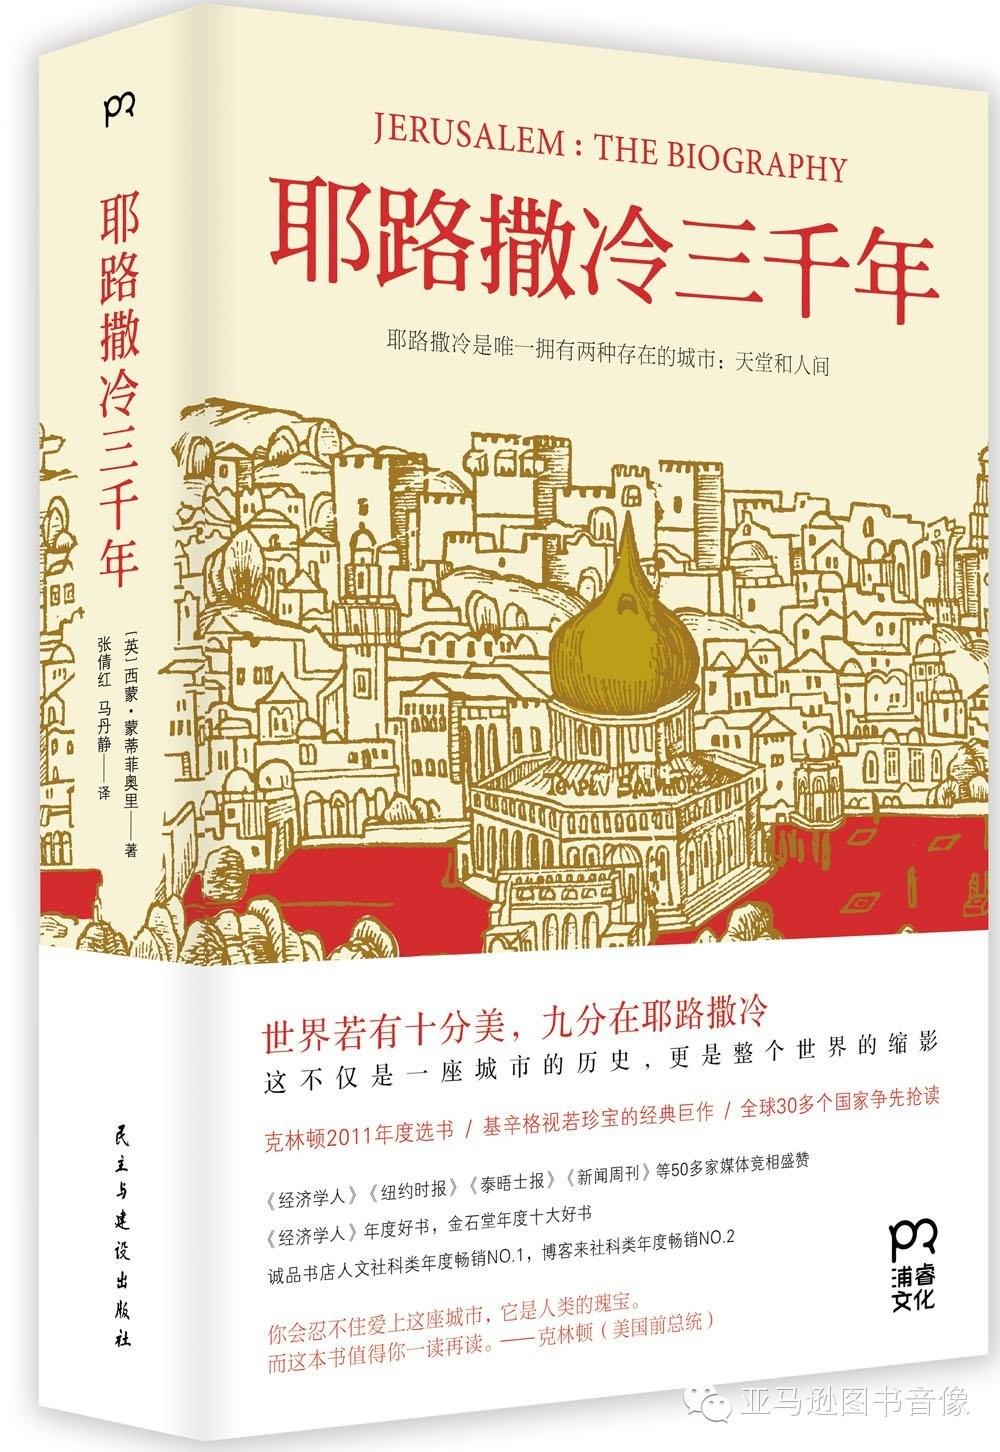 耶路撒冷三千年(取自網路)